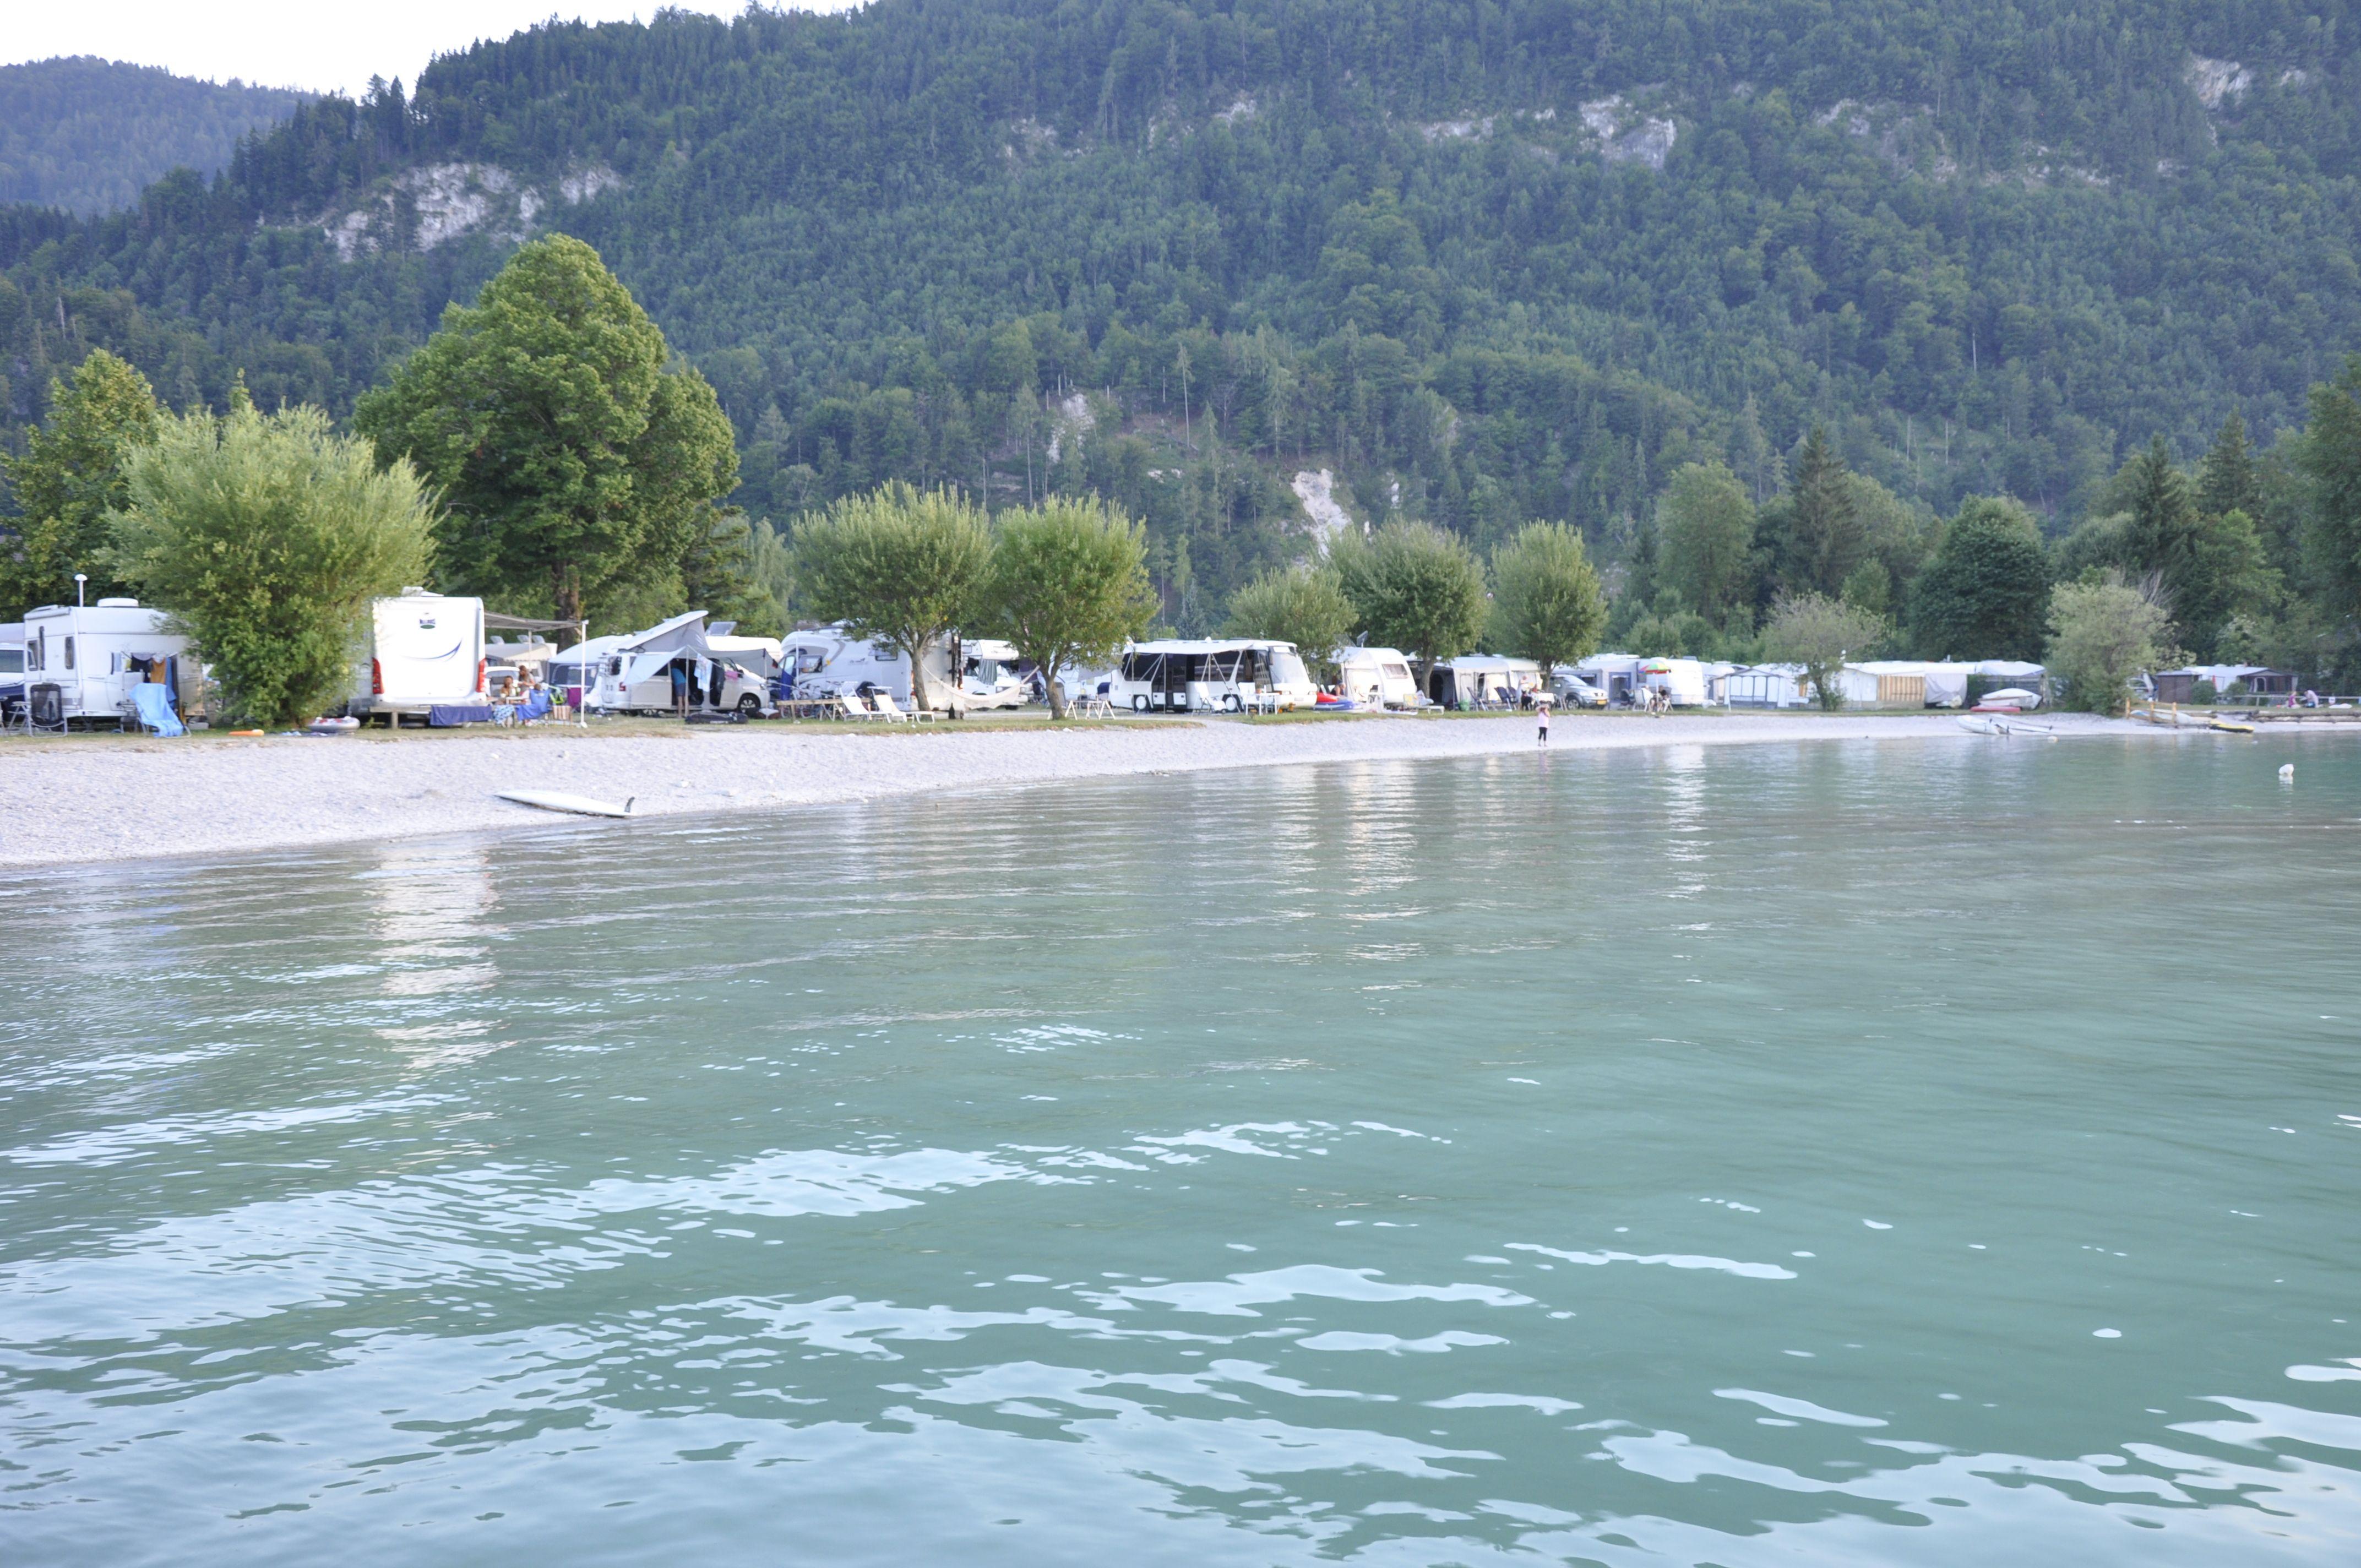 Romantik-Camping Wolfgangsee Lindenstrand | Outdoor, Water ...